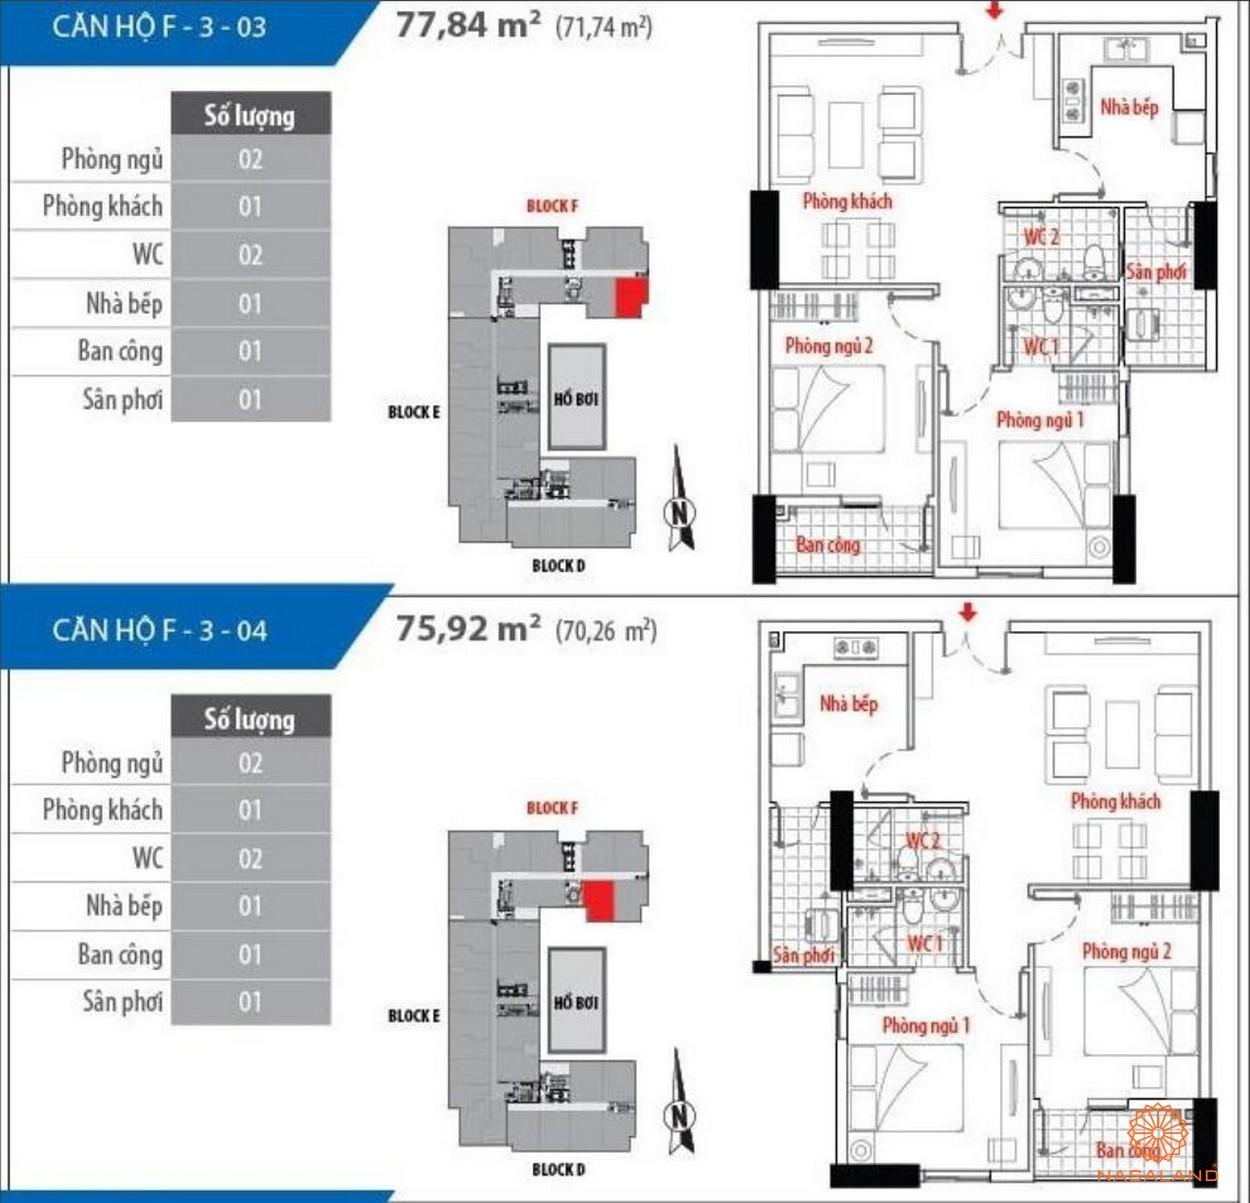 Thiết kế tổng quan căn hộ Him Lam Riverside - BLock F căn số 03 và 04